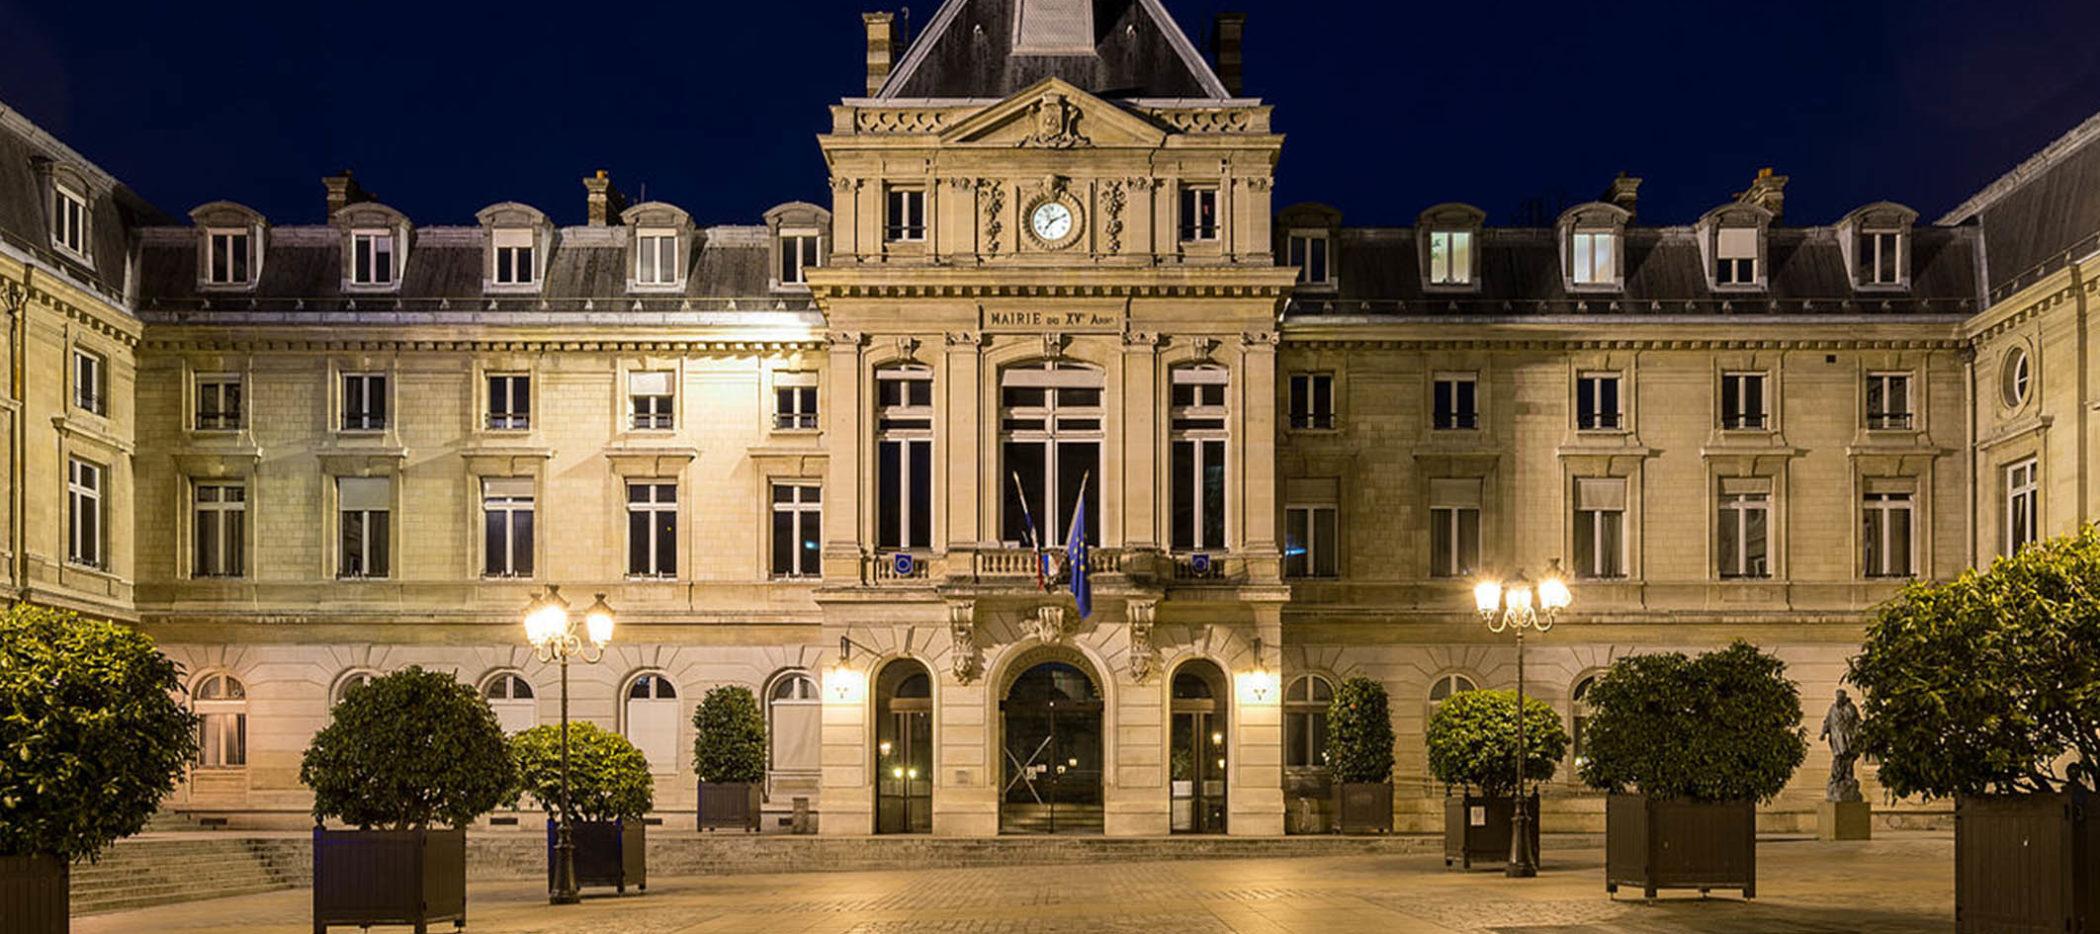 15ème Arrondisement de Paris